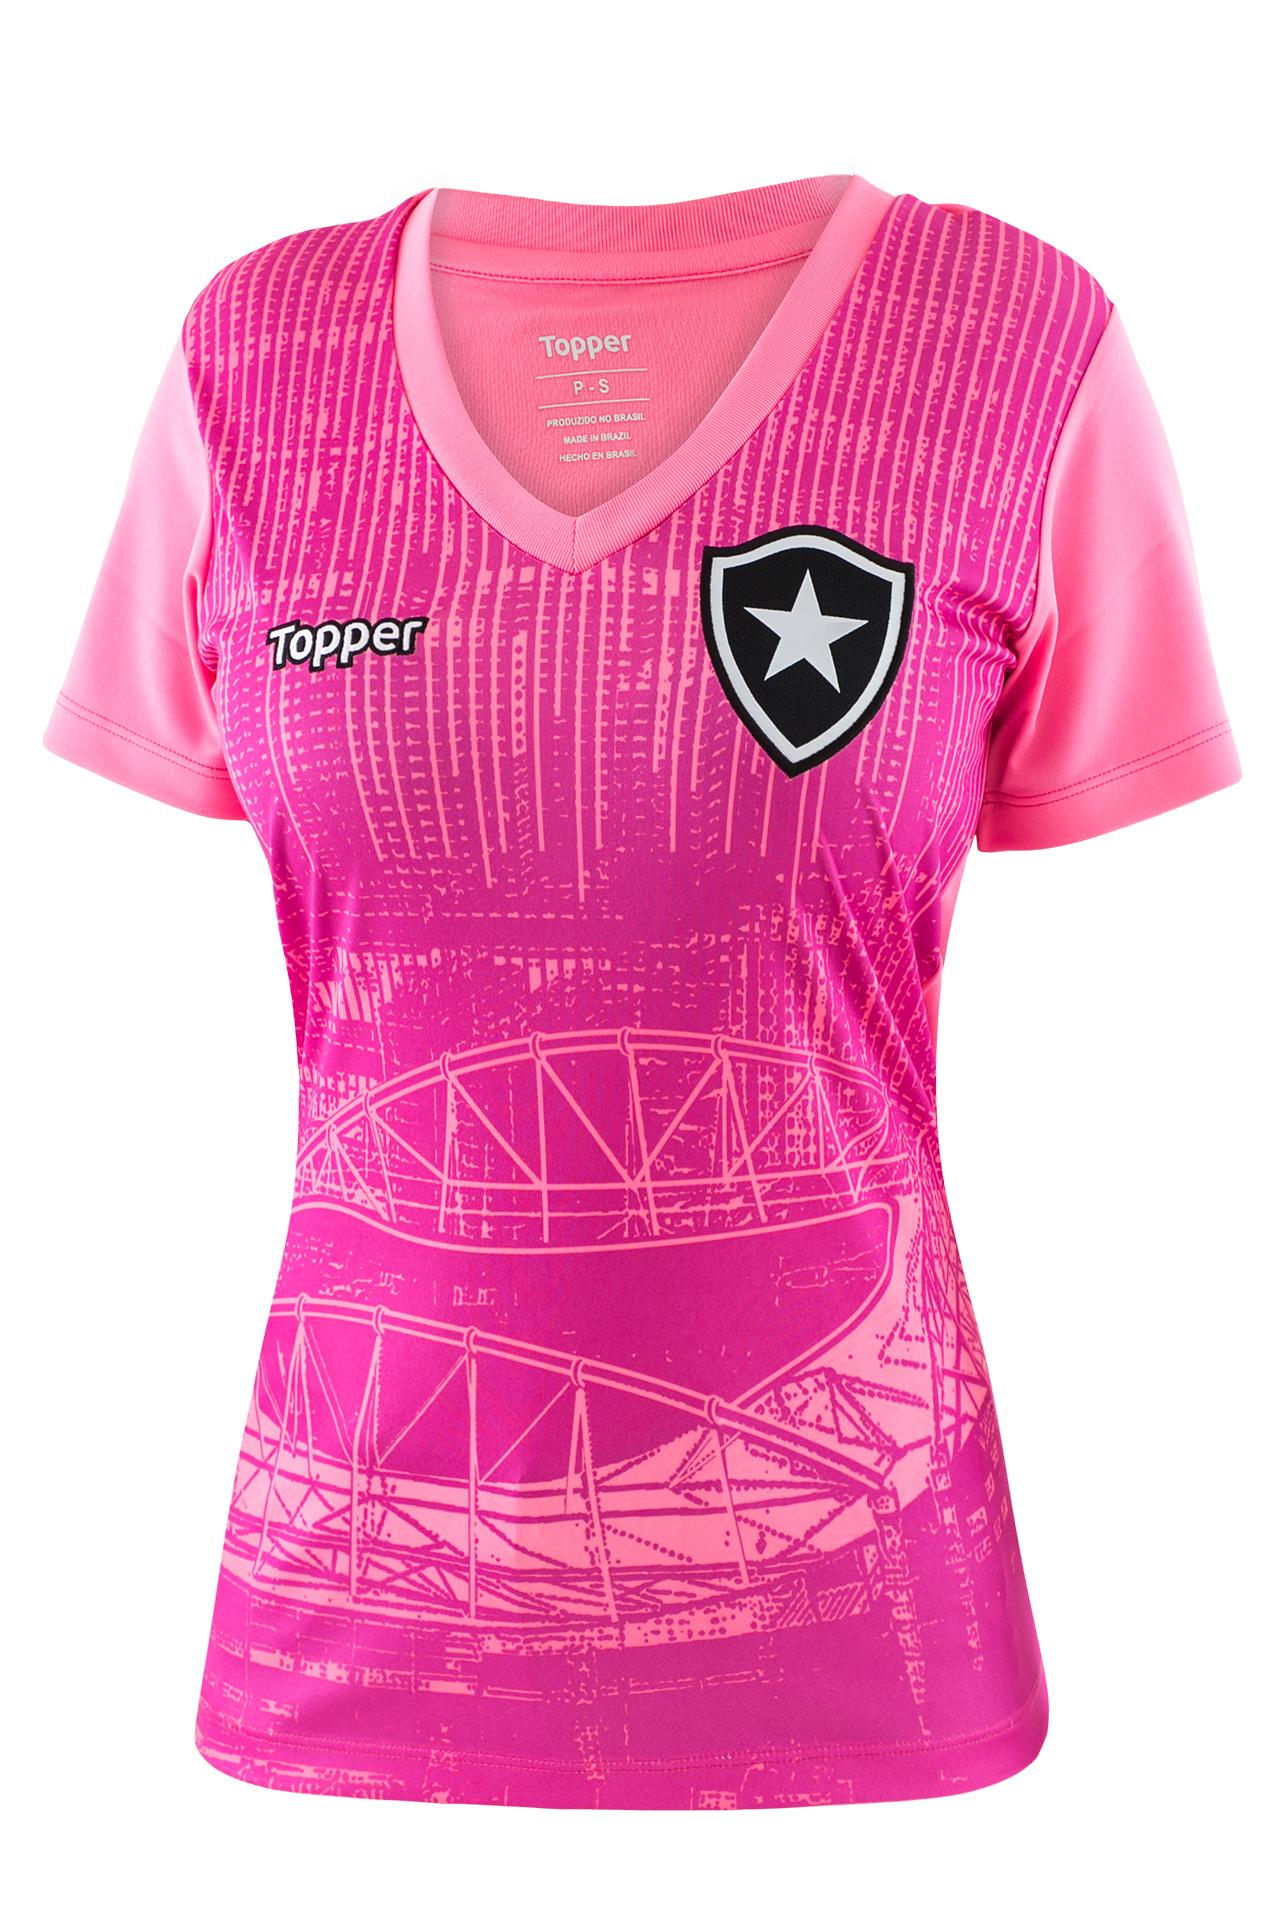 14b2c98d45 Fornecedora lança camisas alusivas ao Outubro Rosa para 11 clubes ...